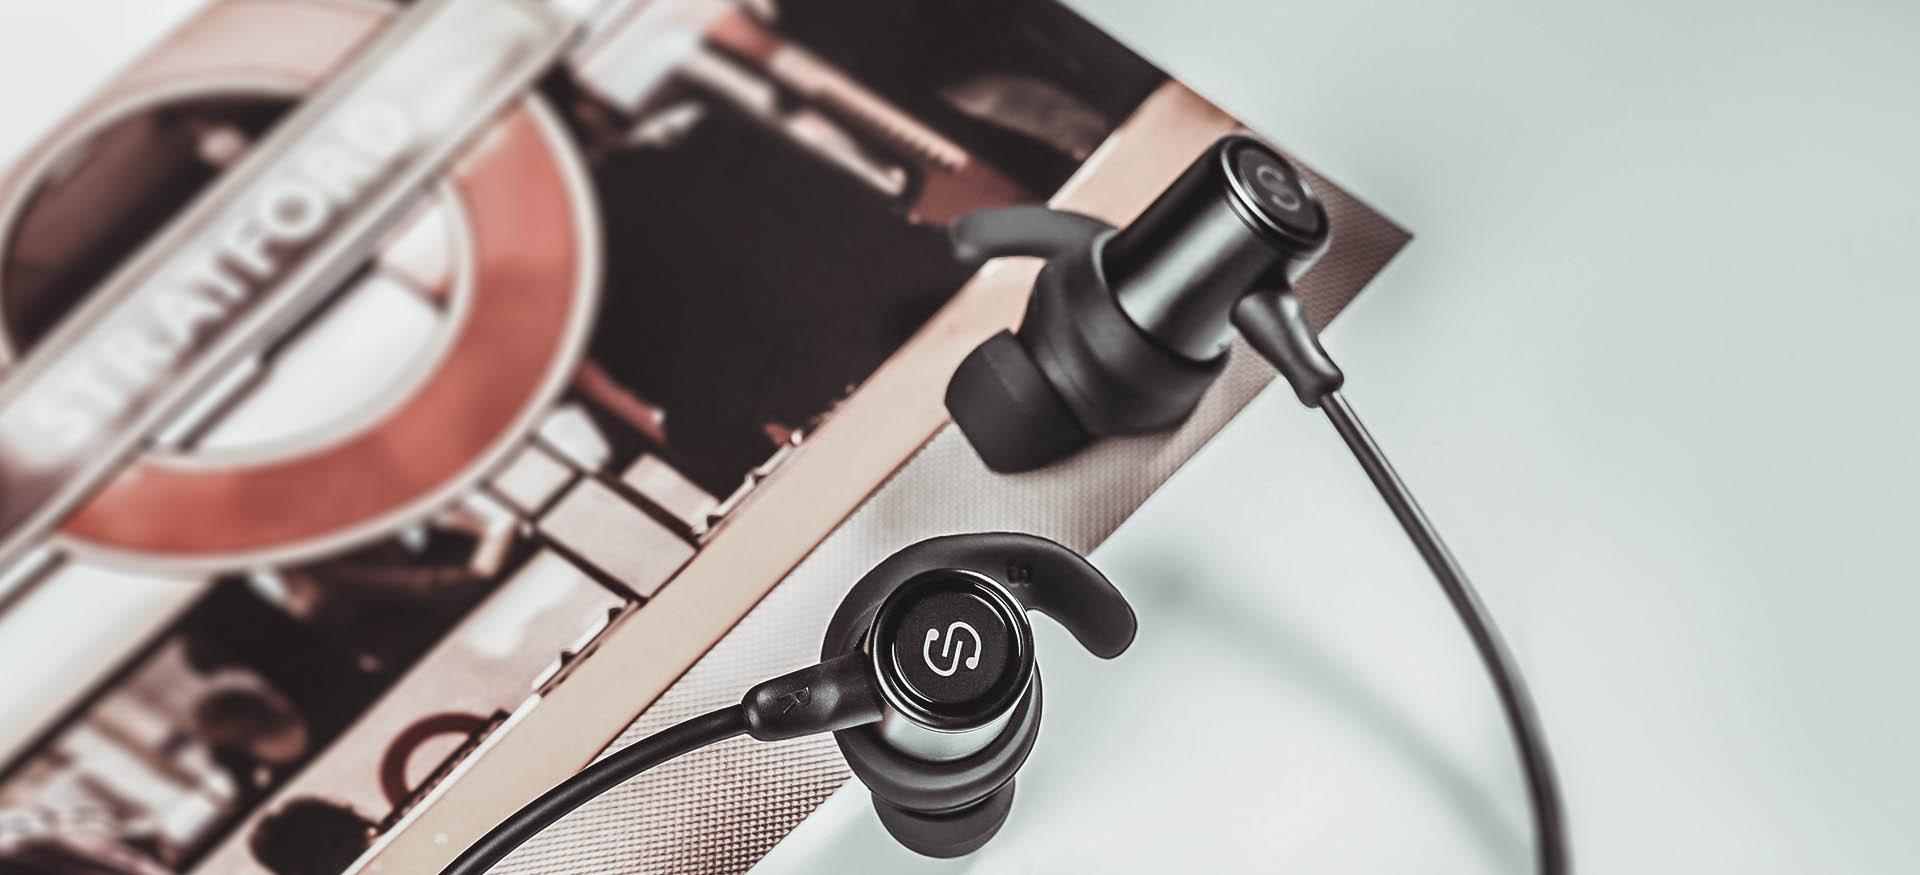 Tai nghe Soundpeats Q30 HD được trang bị bộ QCC3034